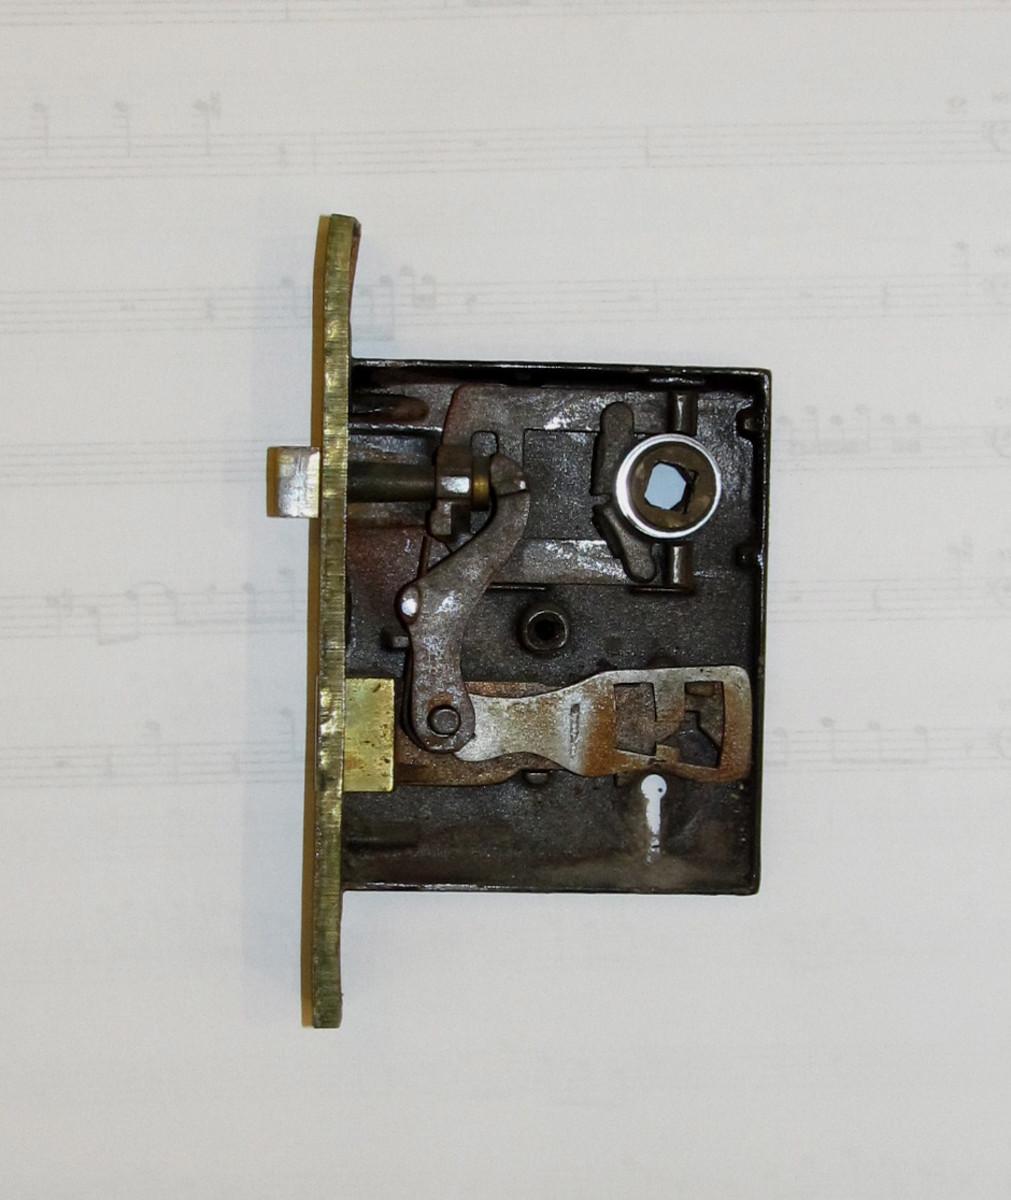 Nashua Lock Company bit key mortise lock, ca. 1902